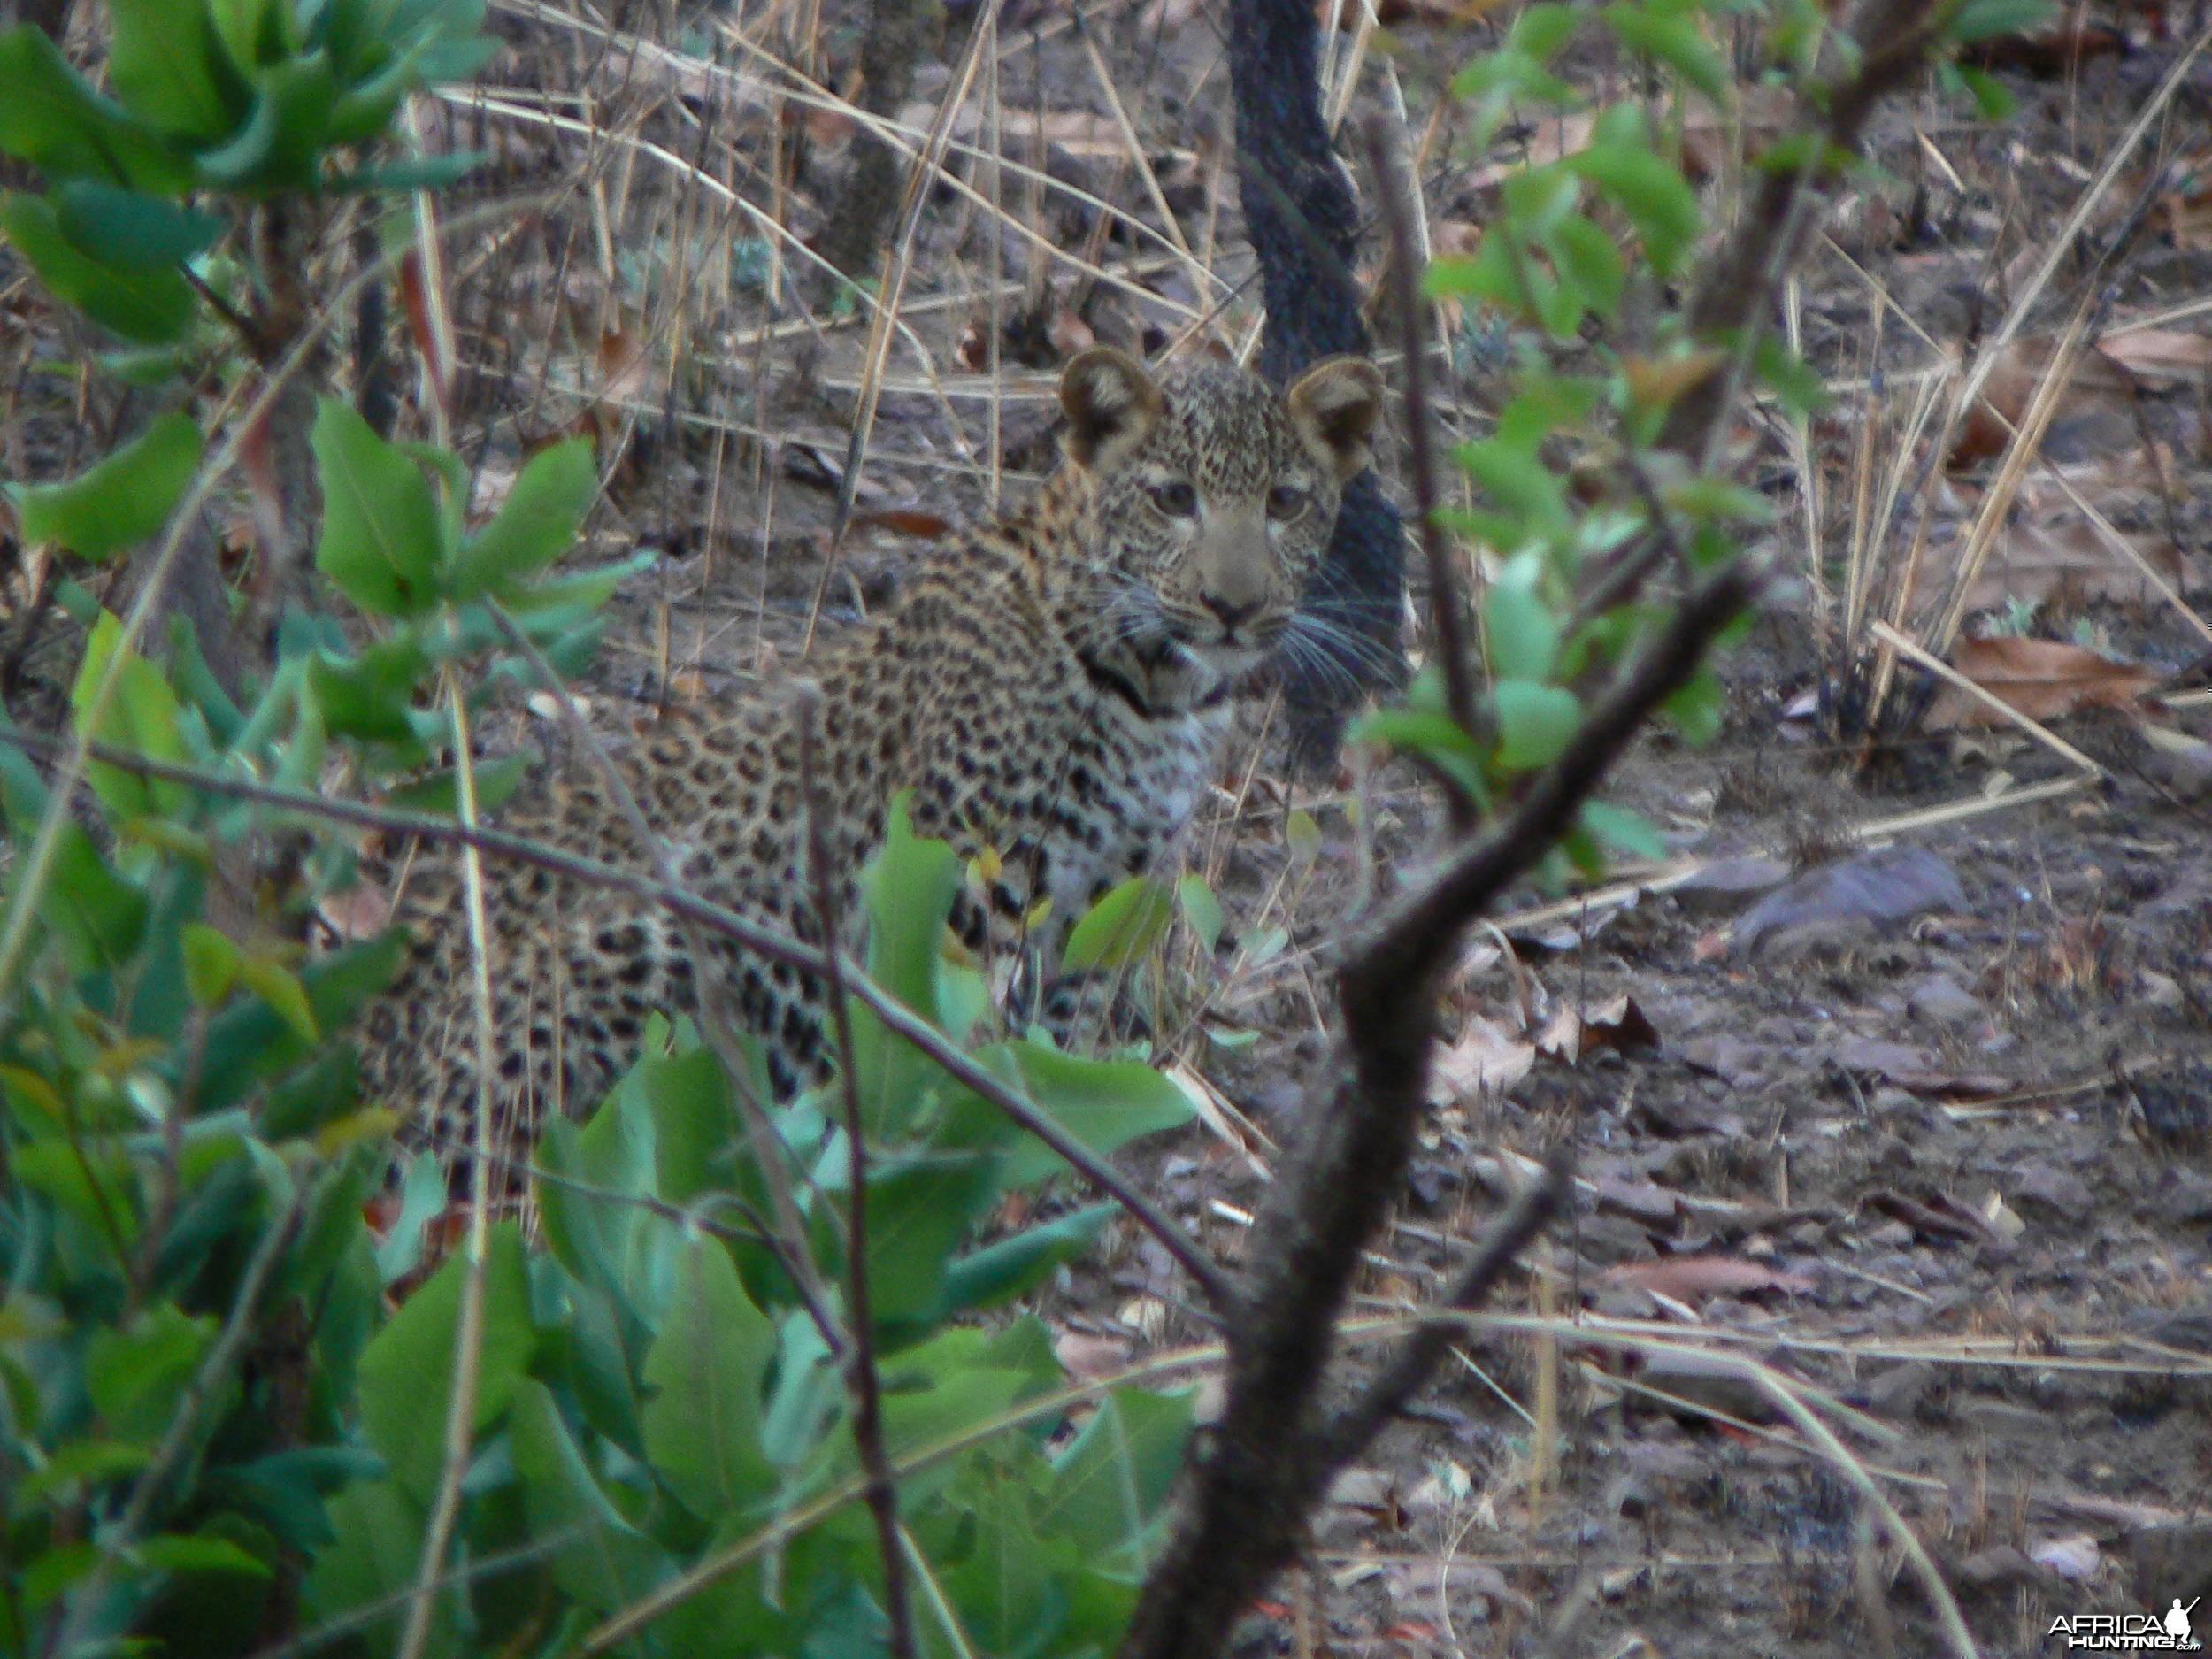 Leopard  in  CAR